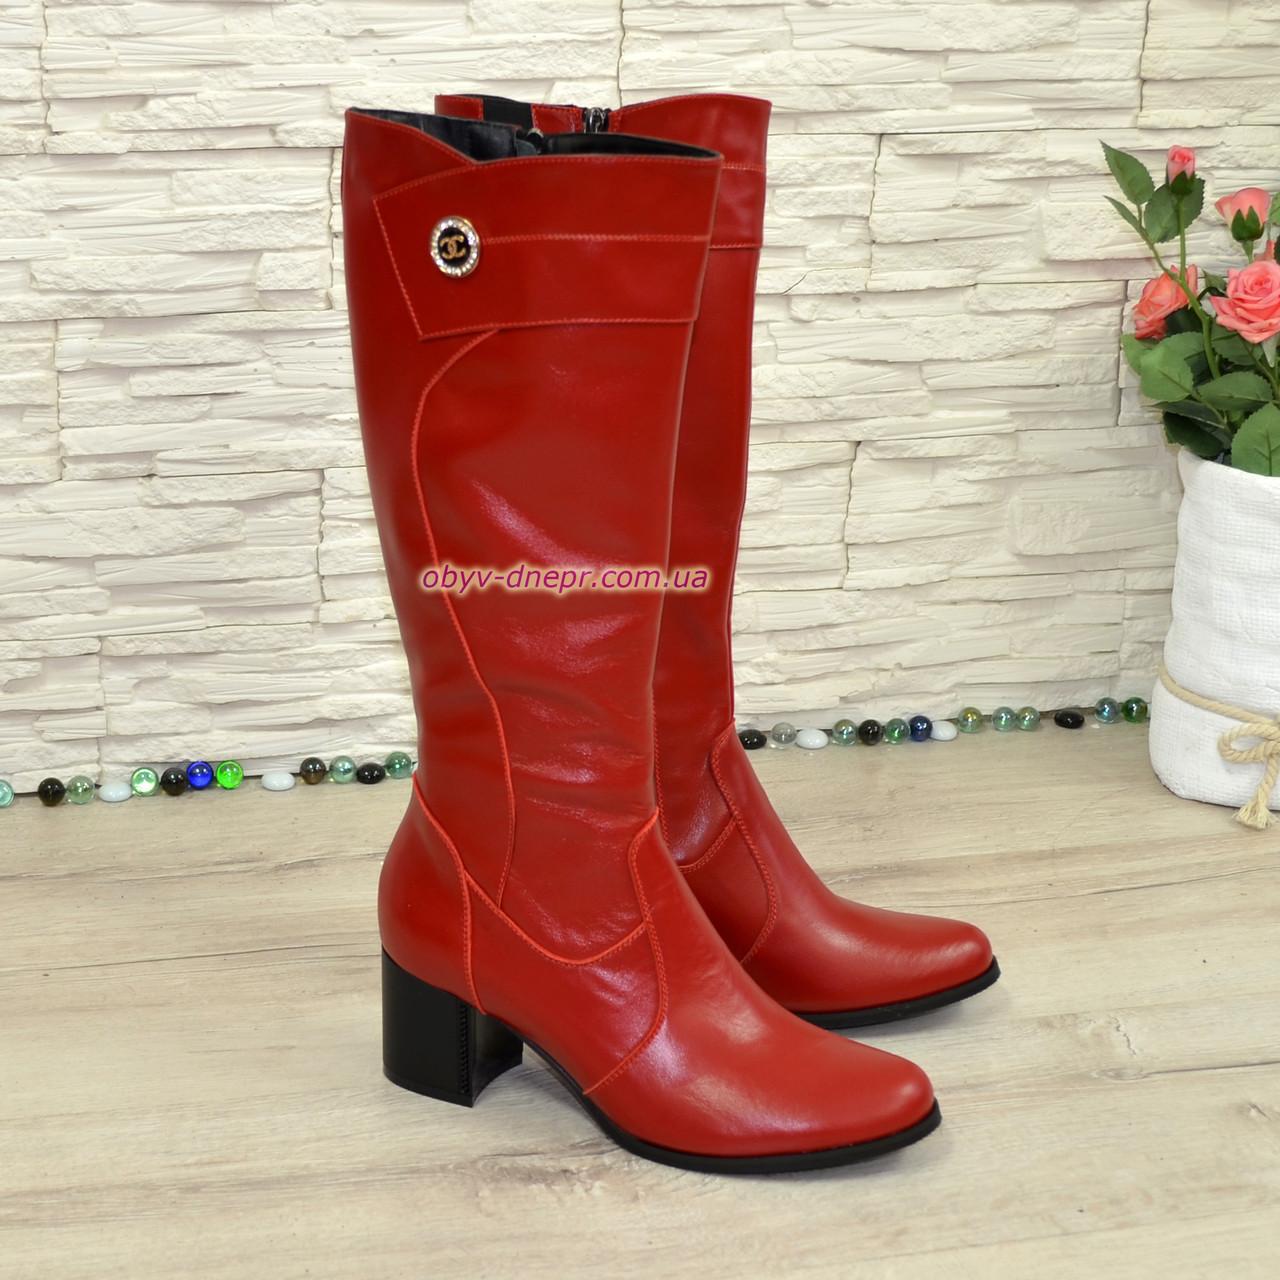 Сапоги зимние кожаные на невысоком устойчивом каблуке, цвет красный. Декорированы фурнитурой